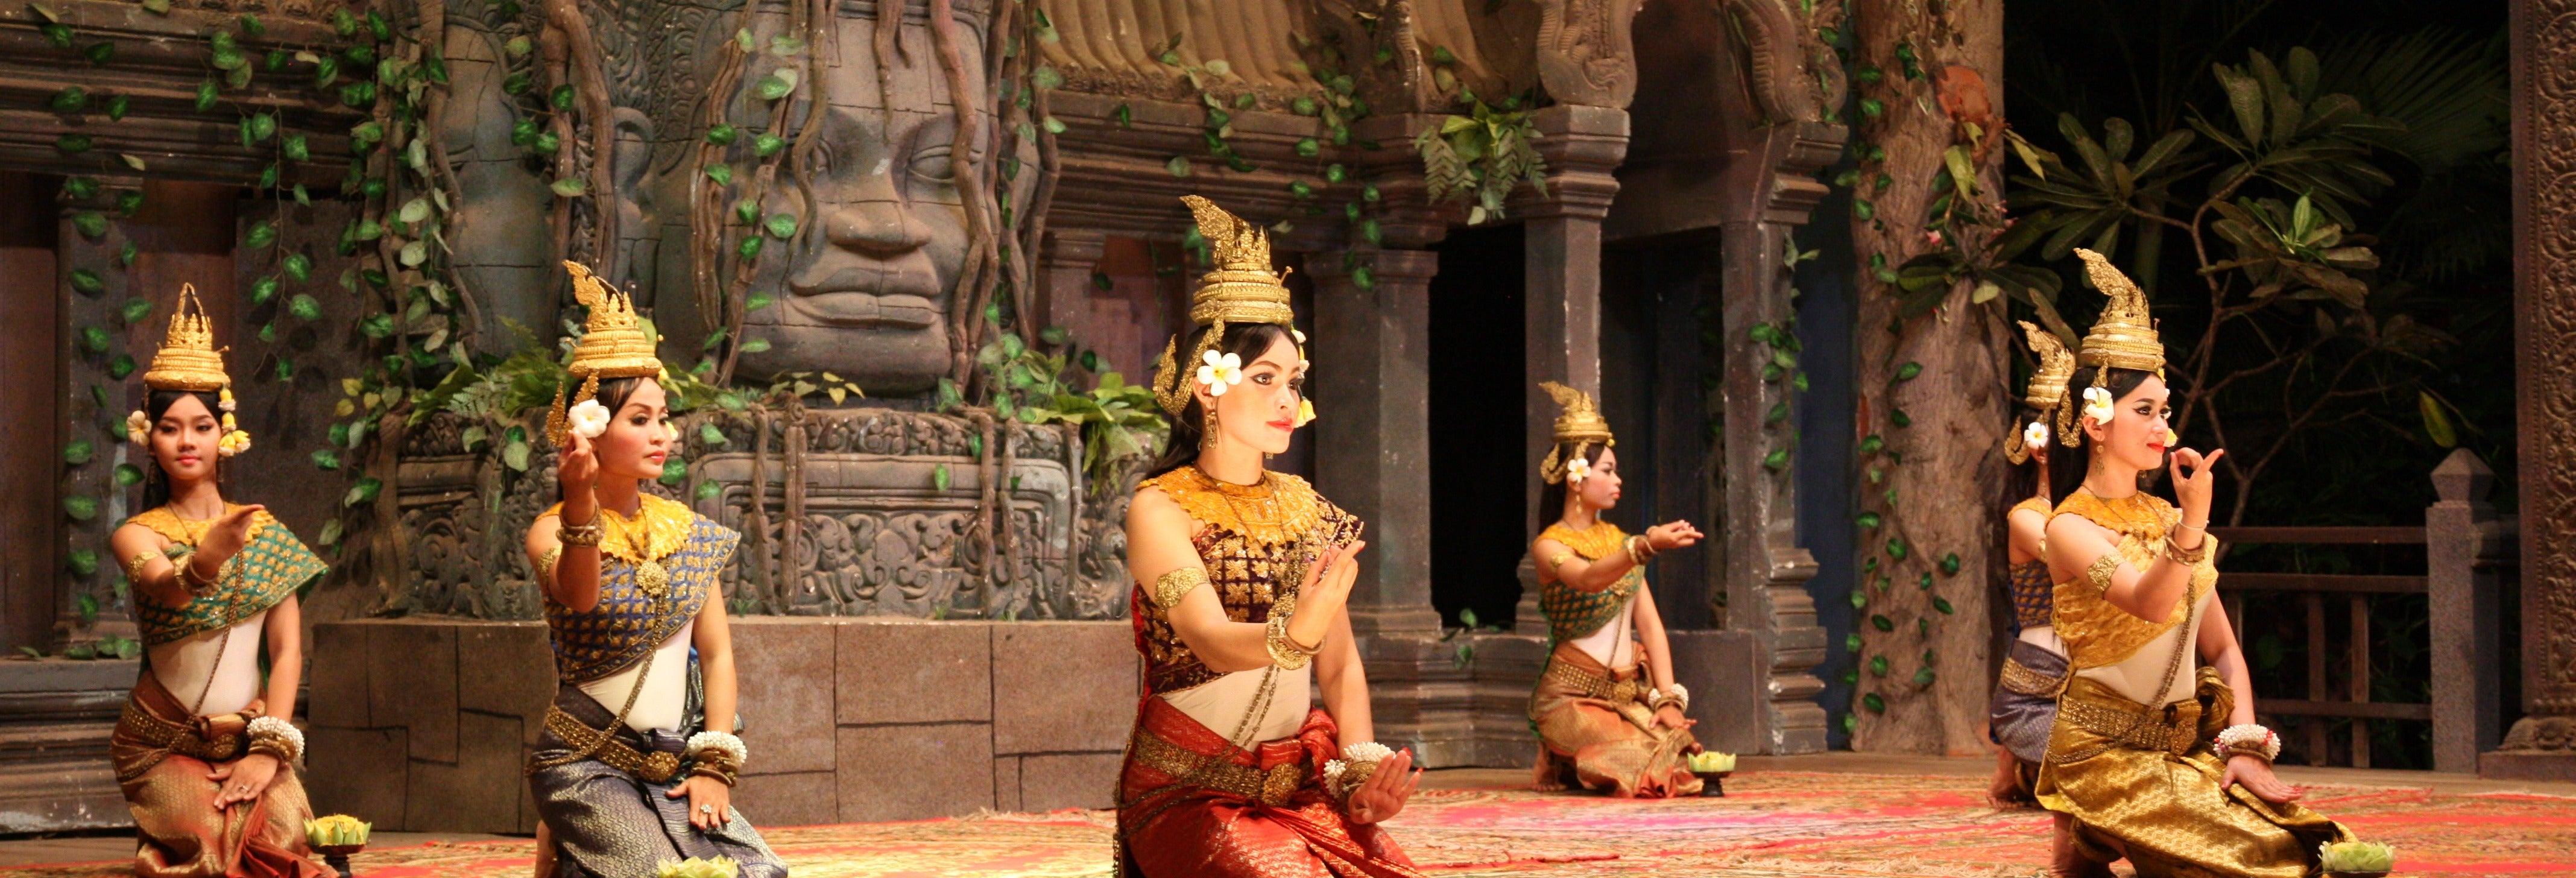 Jantar e espetáculo de dança Apsara